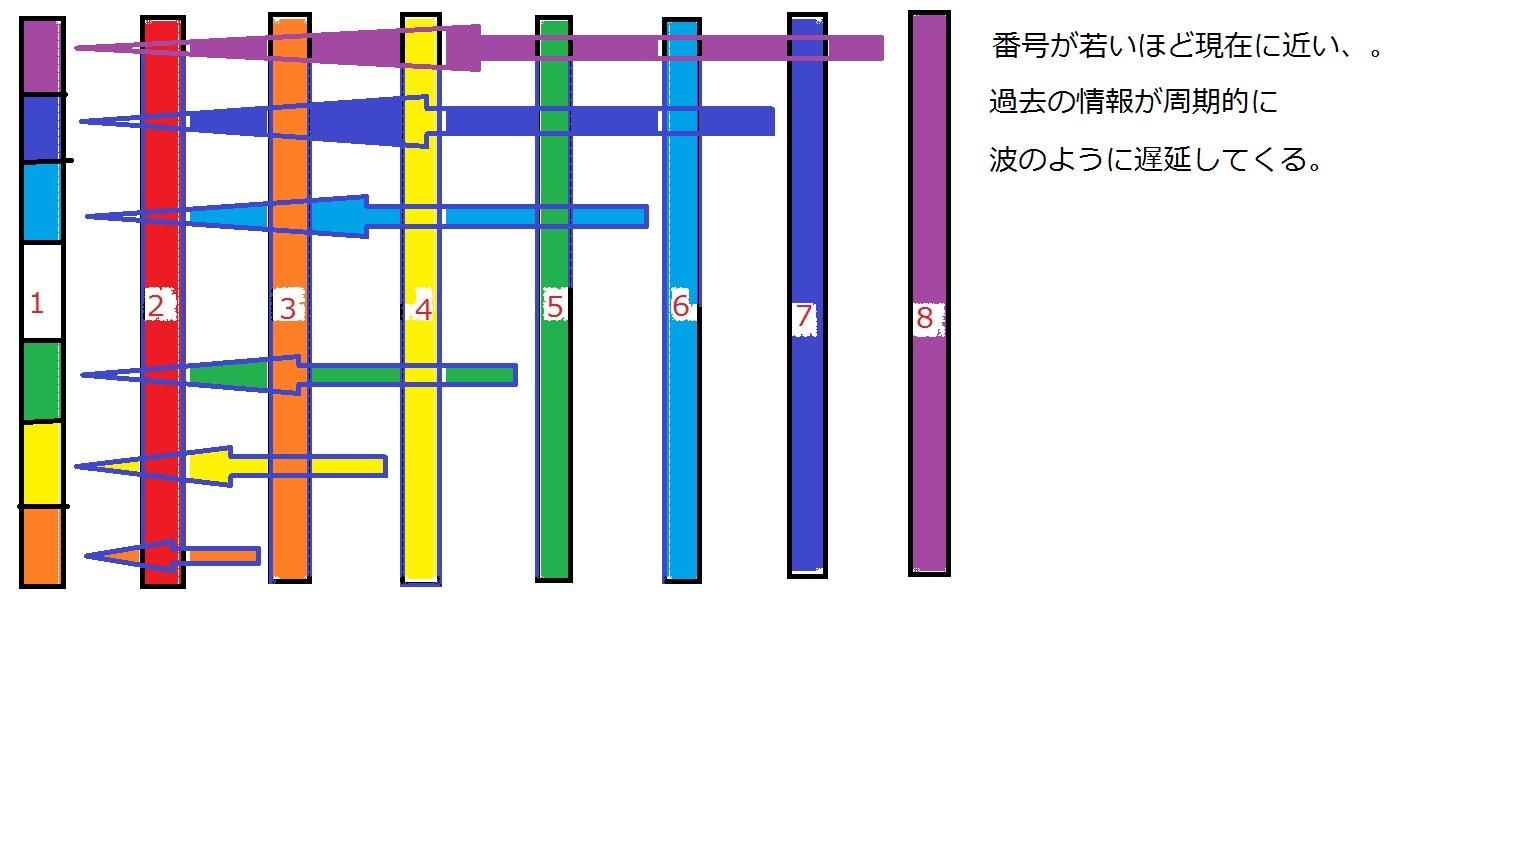 無題.8.jpg